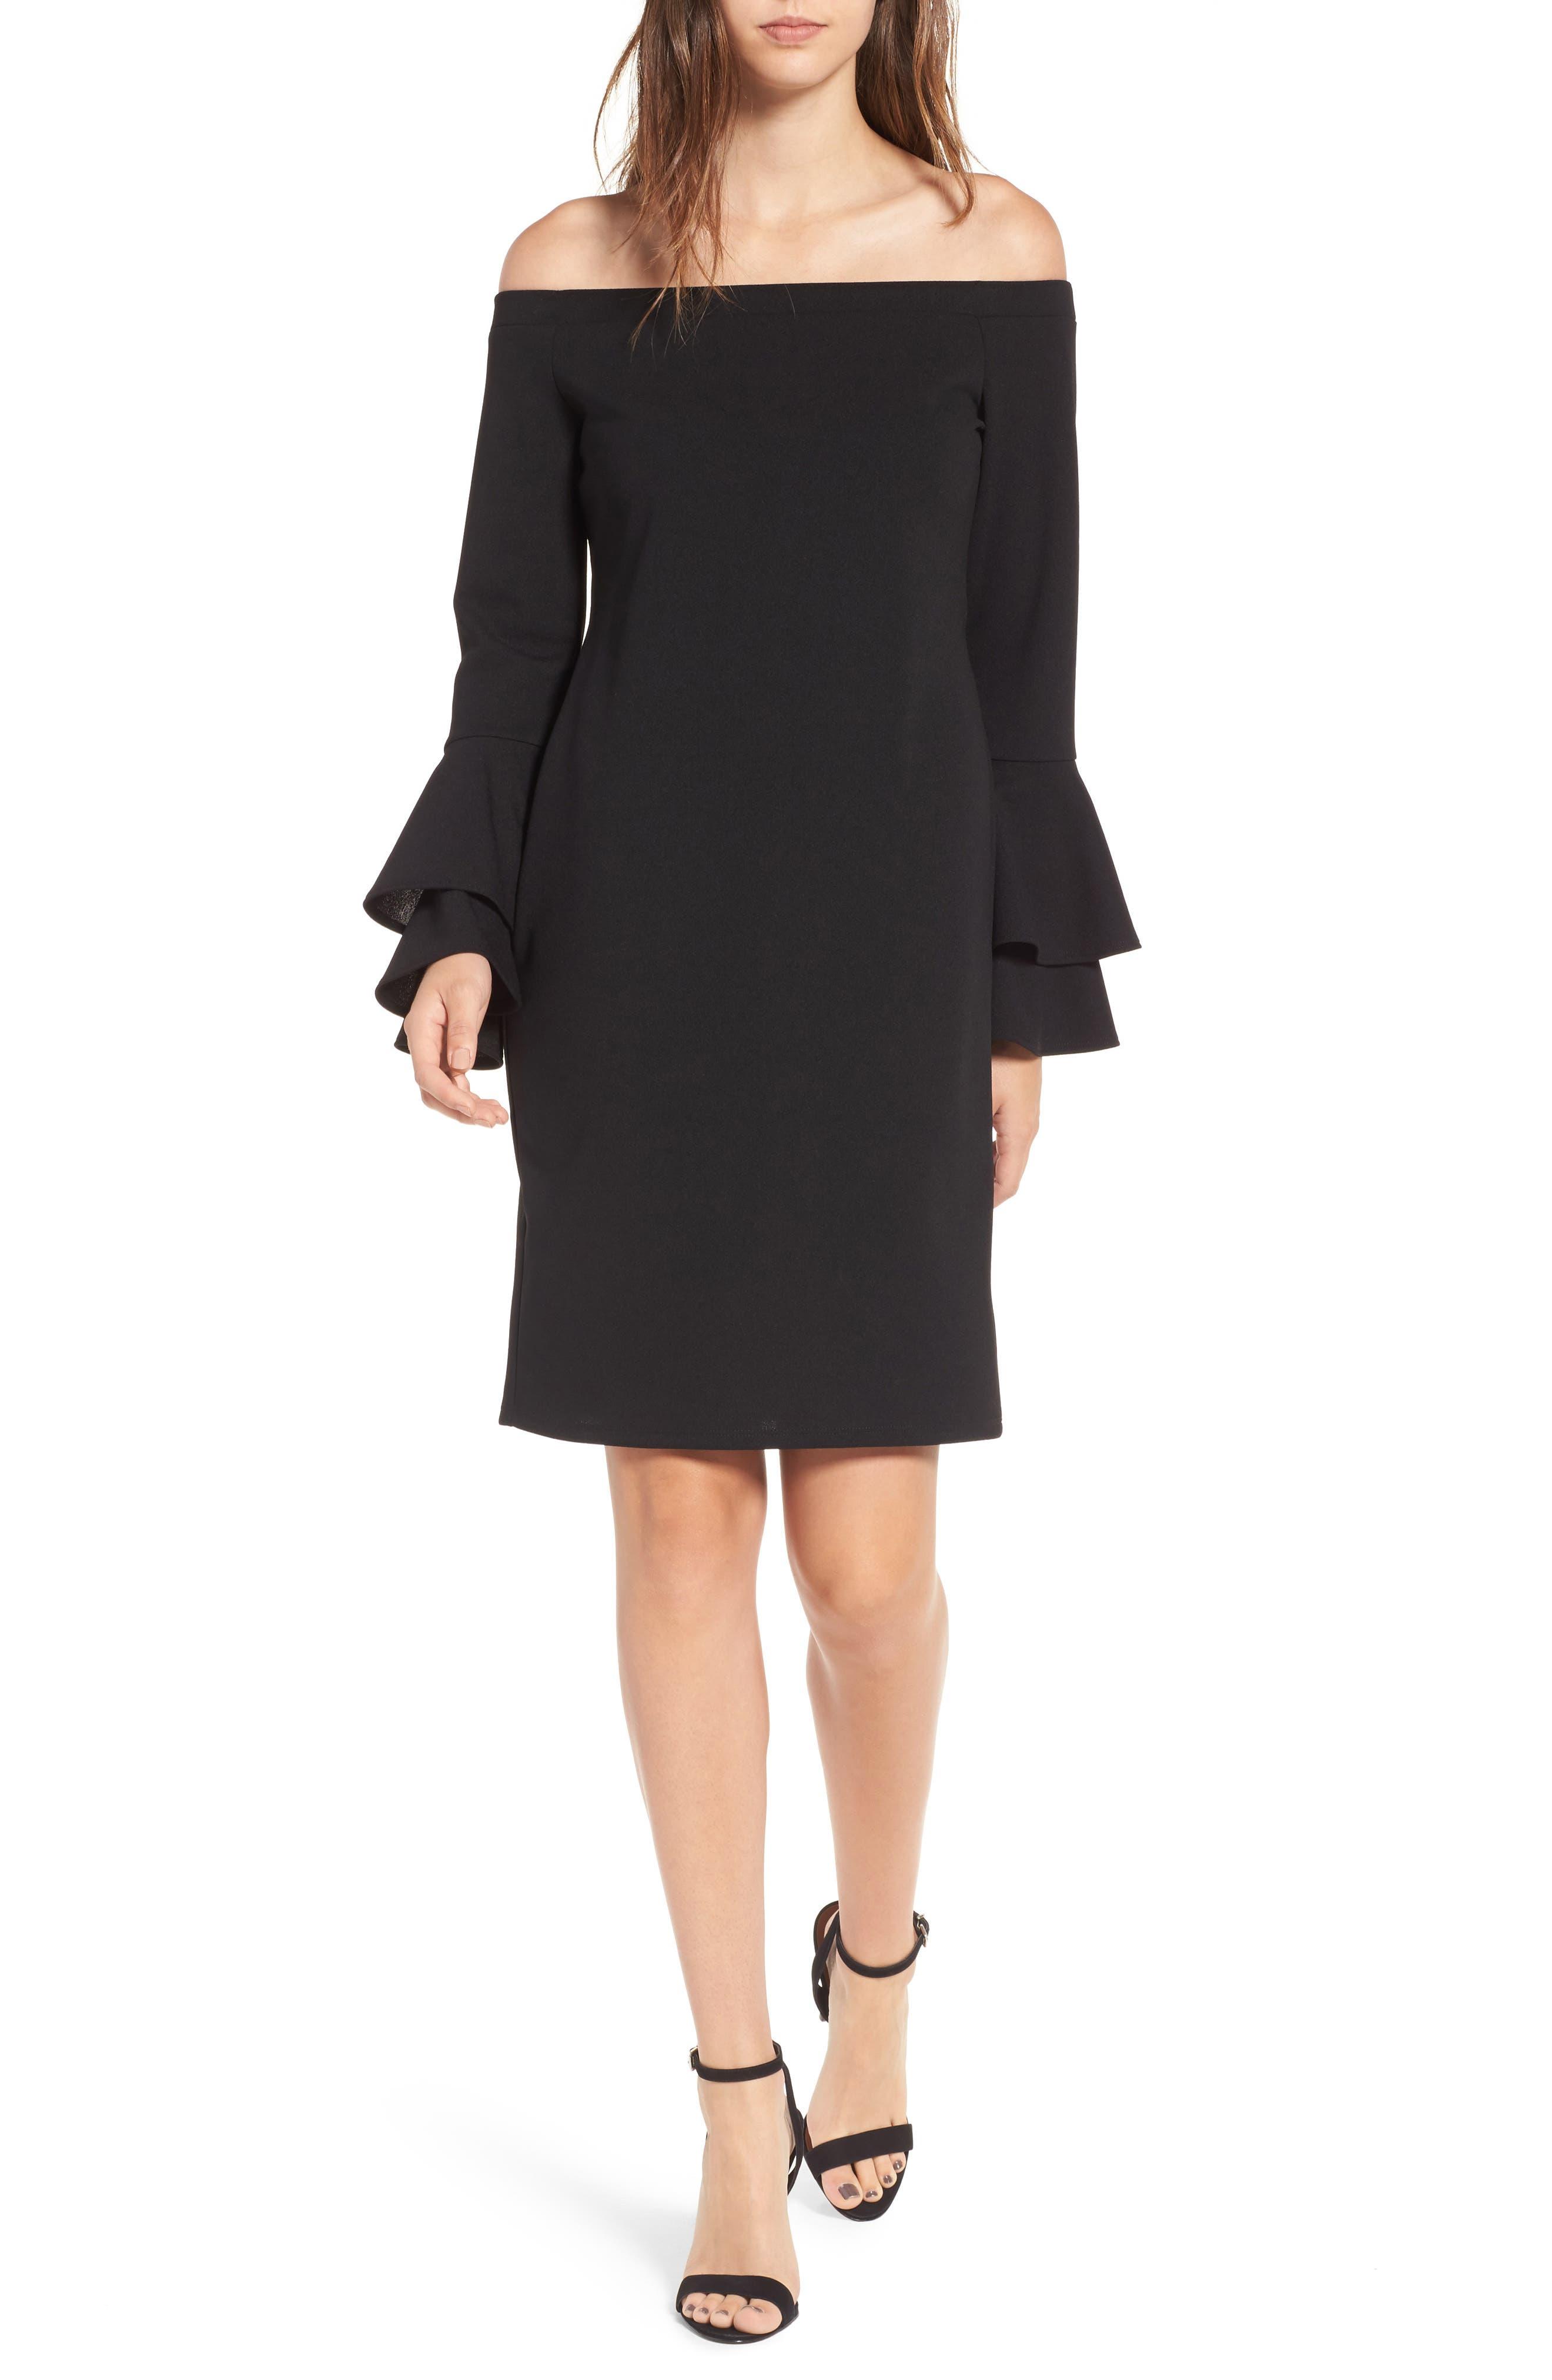 One Clothing Ruffle Sleeve Sheath Dress